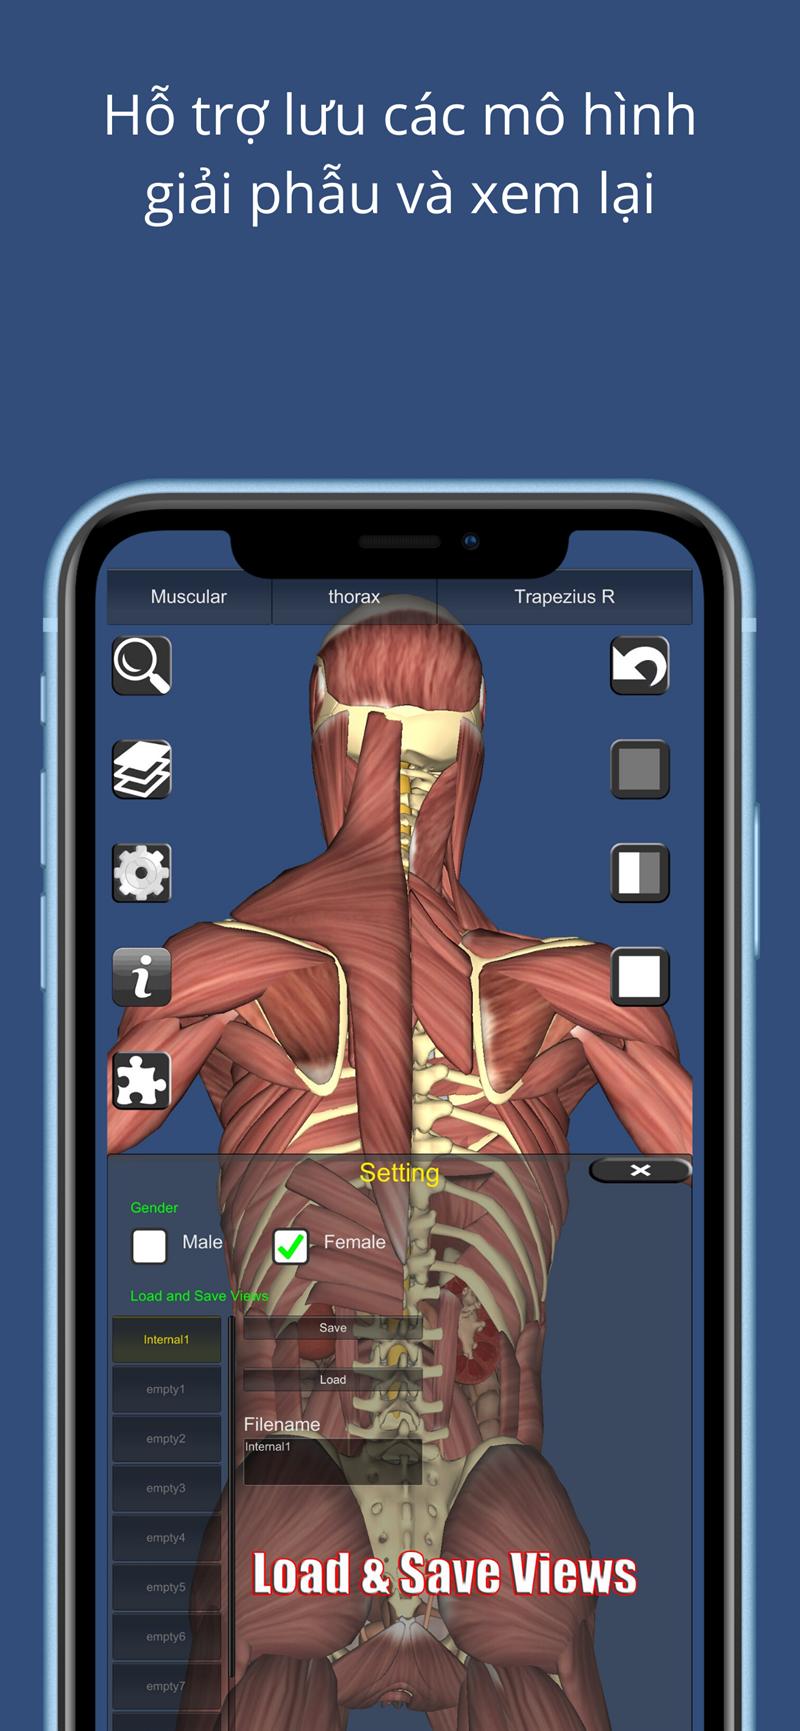 Hỗ trợ lưu các mô hình giải phẫu và xem lại